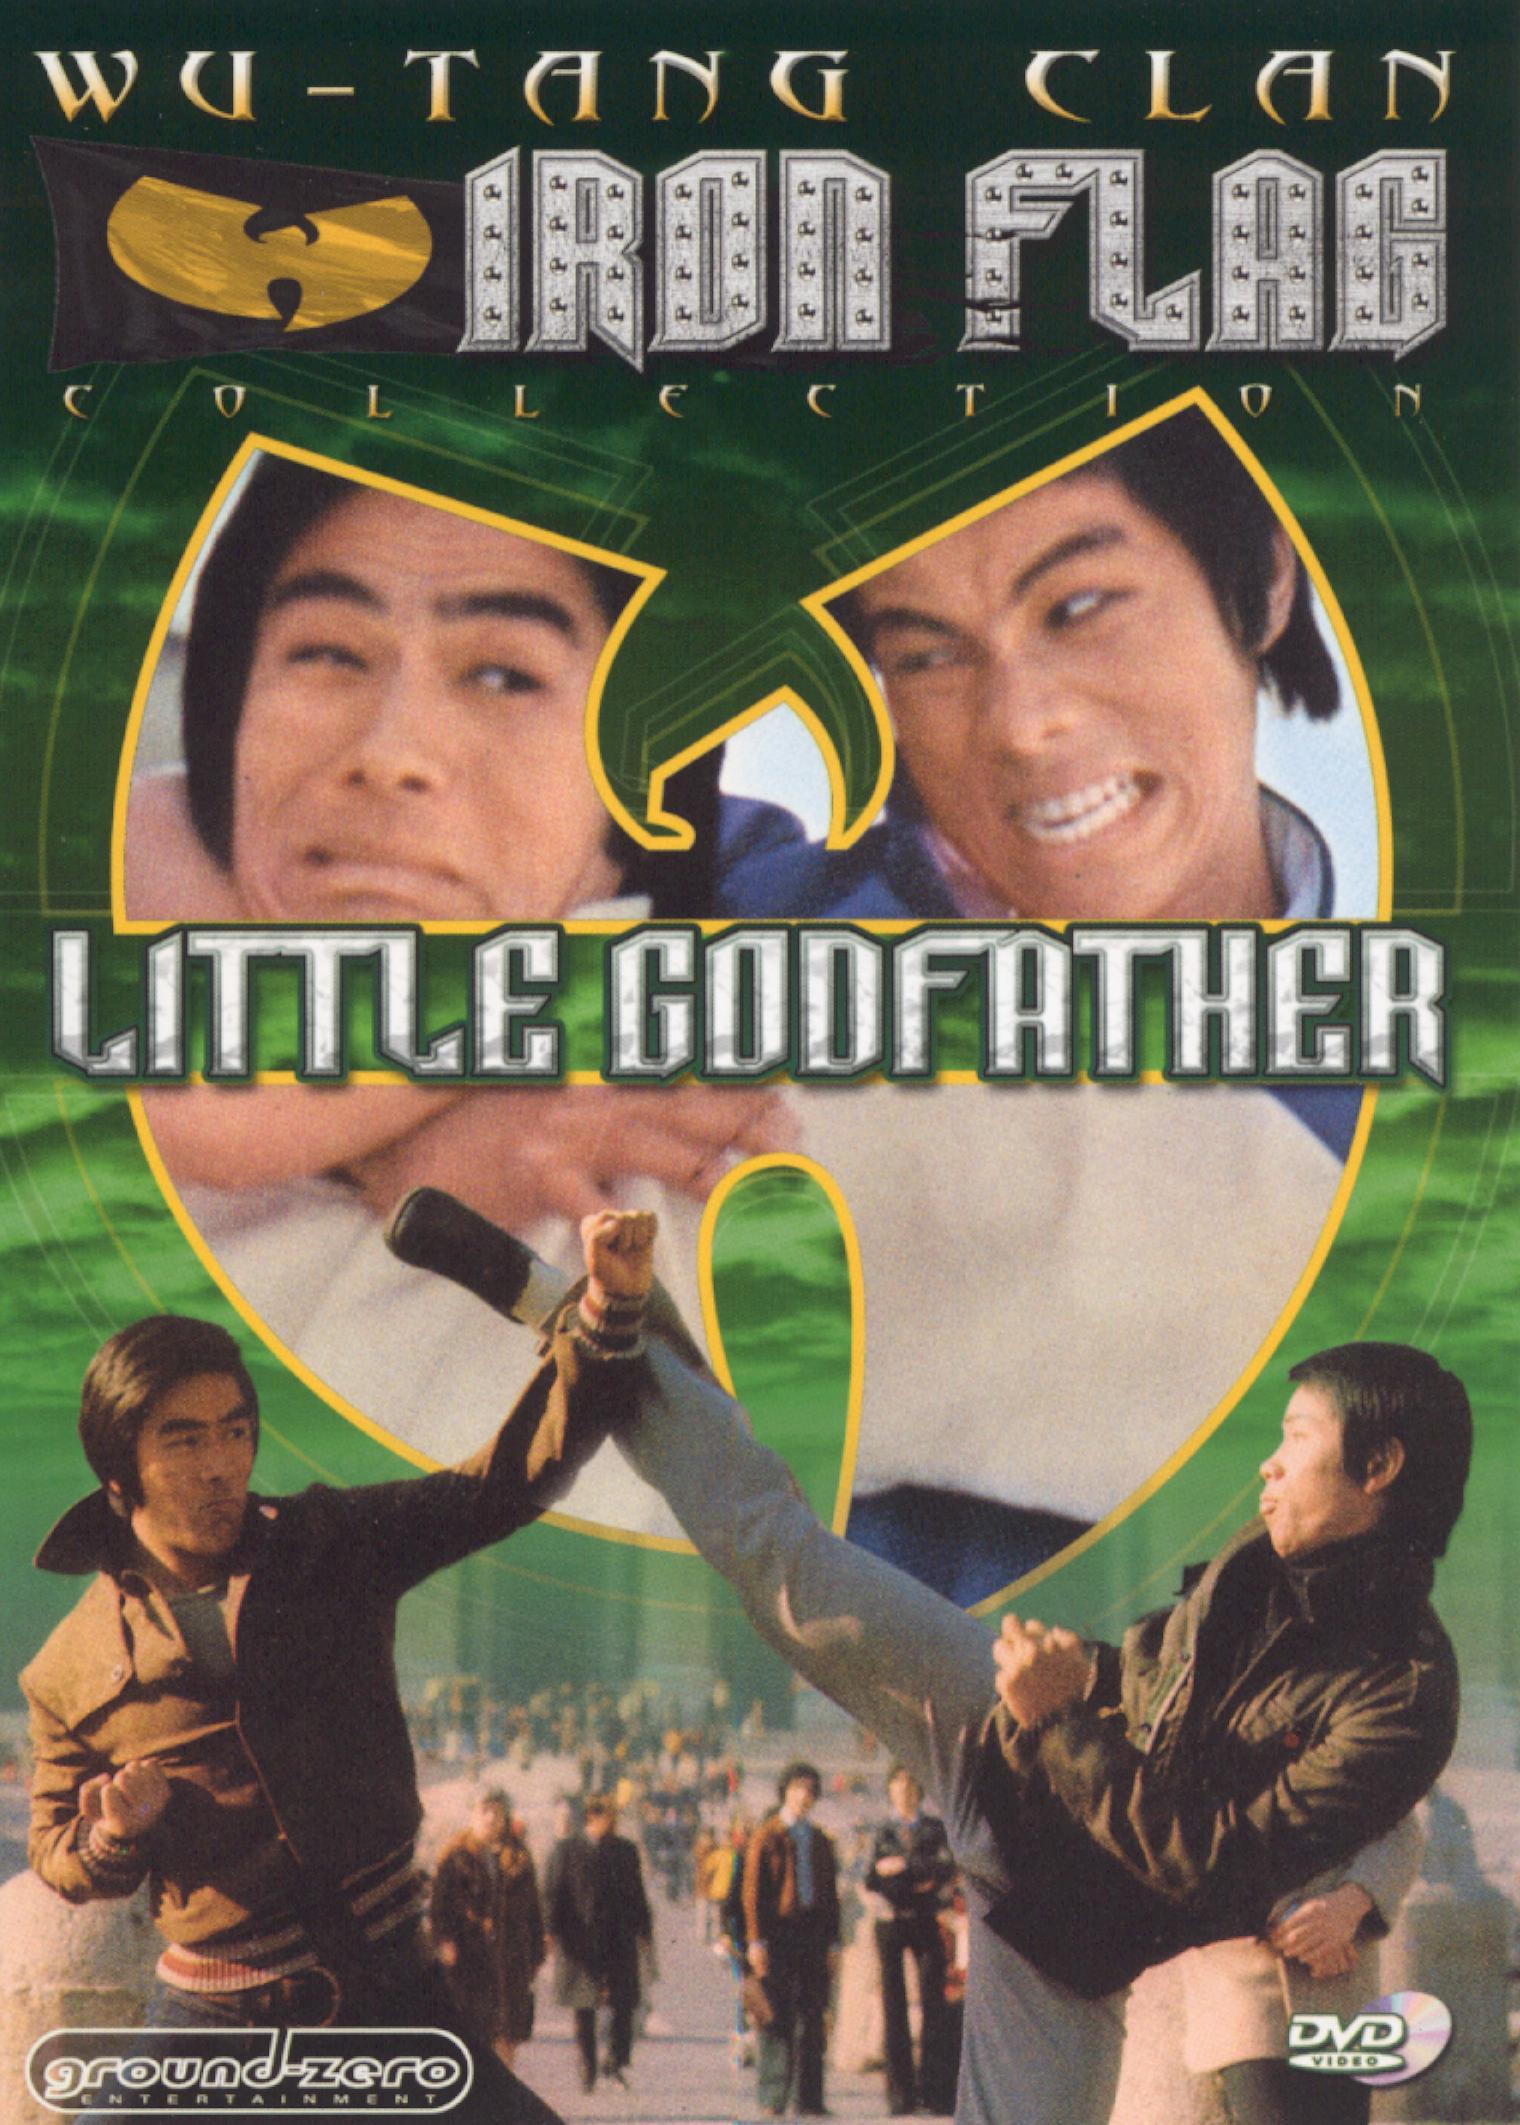 Little Godfather From Hong Kong